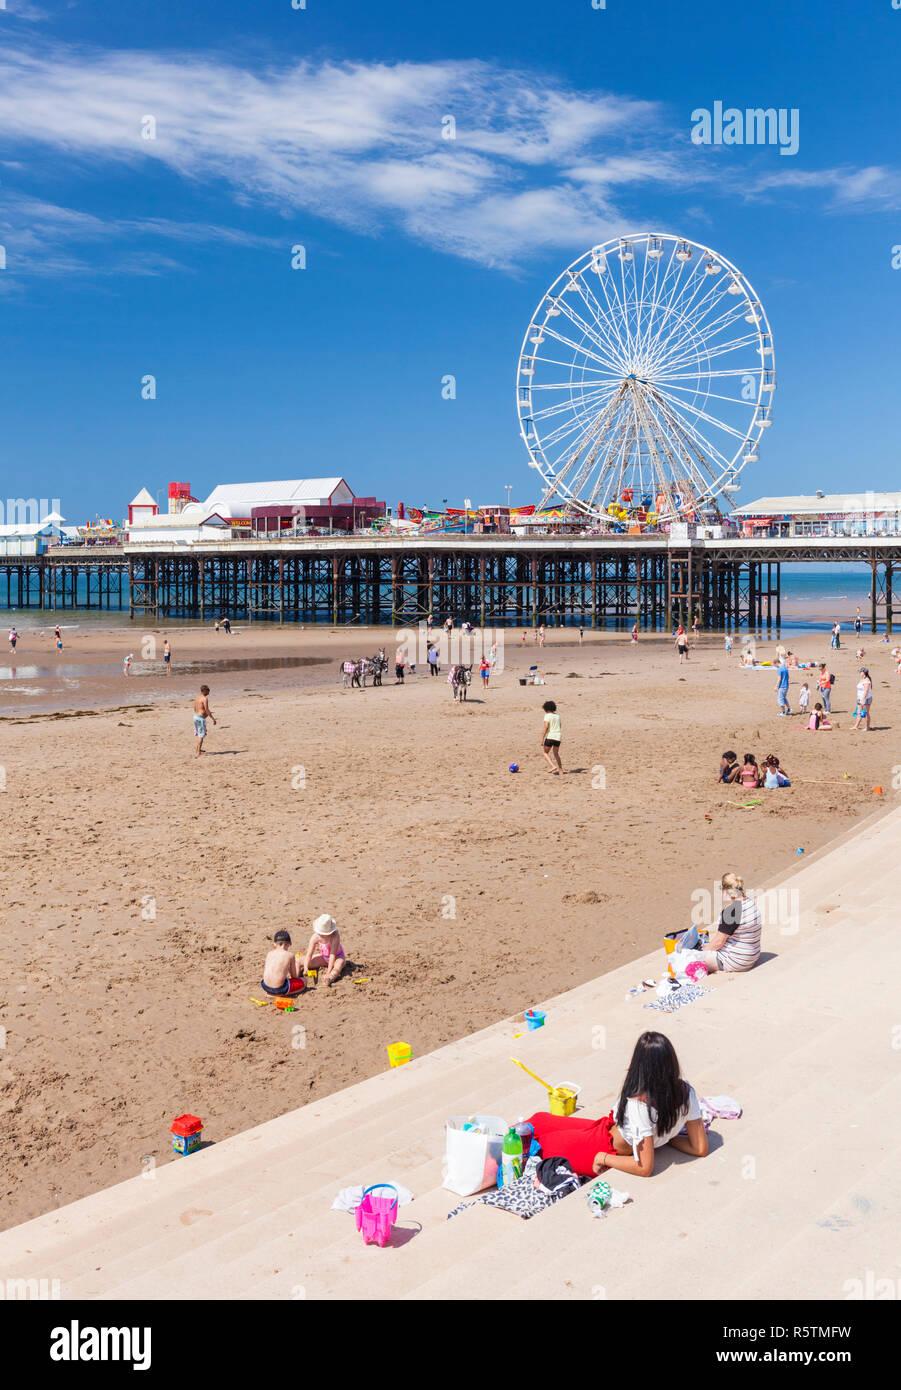 Blackpool Beach Estate ruota panoramica Ferris su Blackpool Central Pier di Blackpool con la gente sulla spiaggia sabbiosa a Blackpool Lancashire England Regno Unito GB Europa Immagini Stock